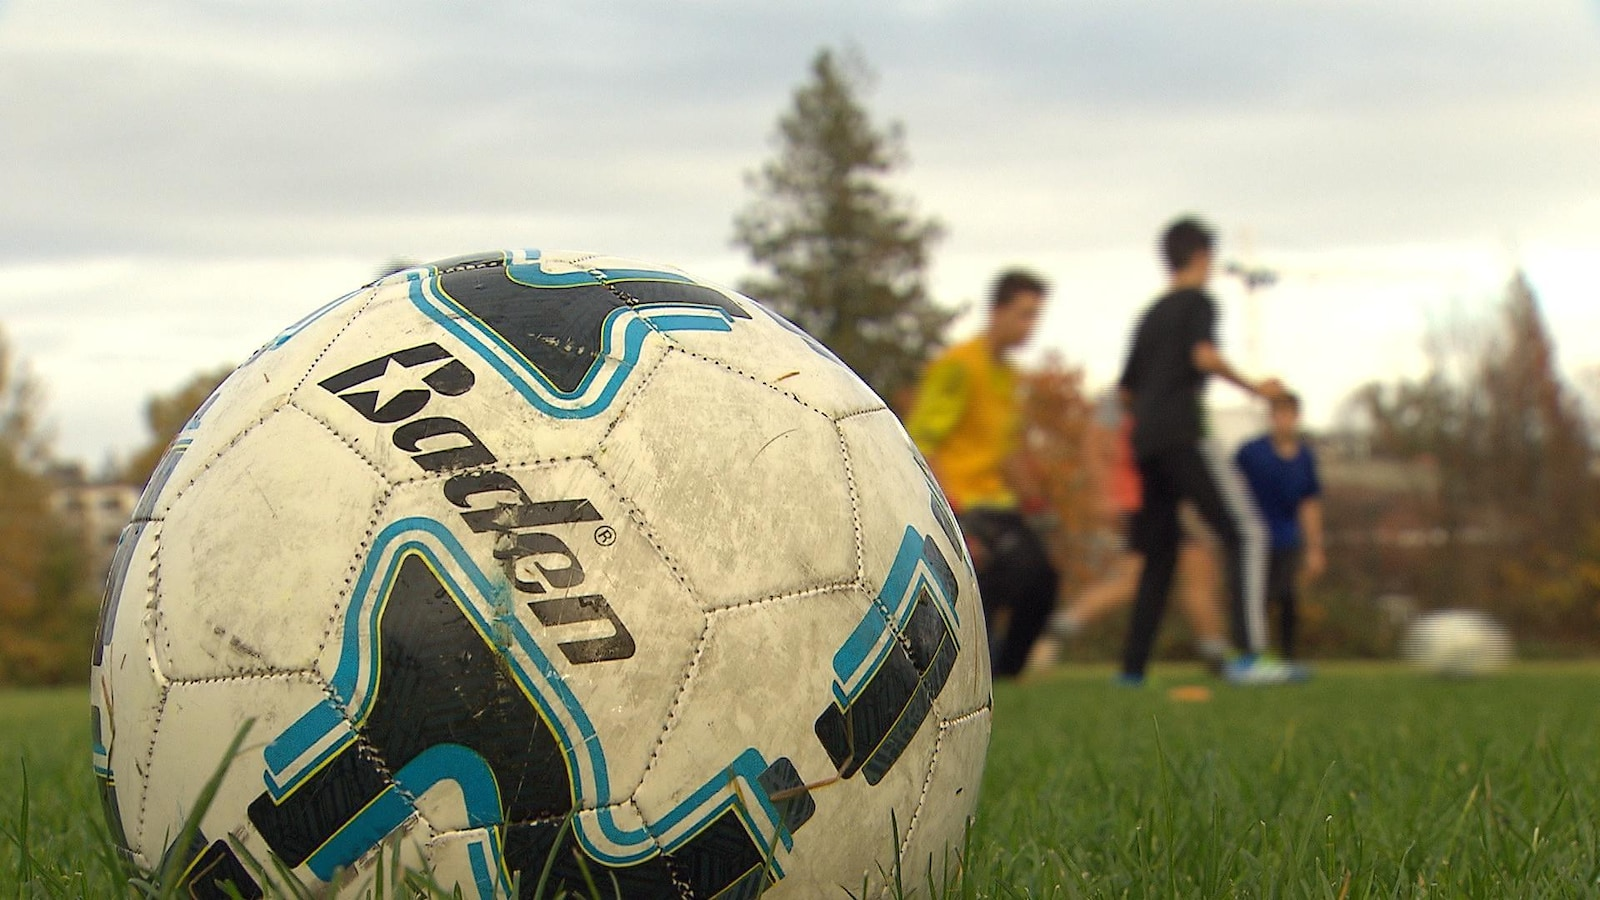 Des enfants jouent derrière un ballon de soccer.